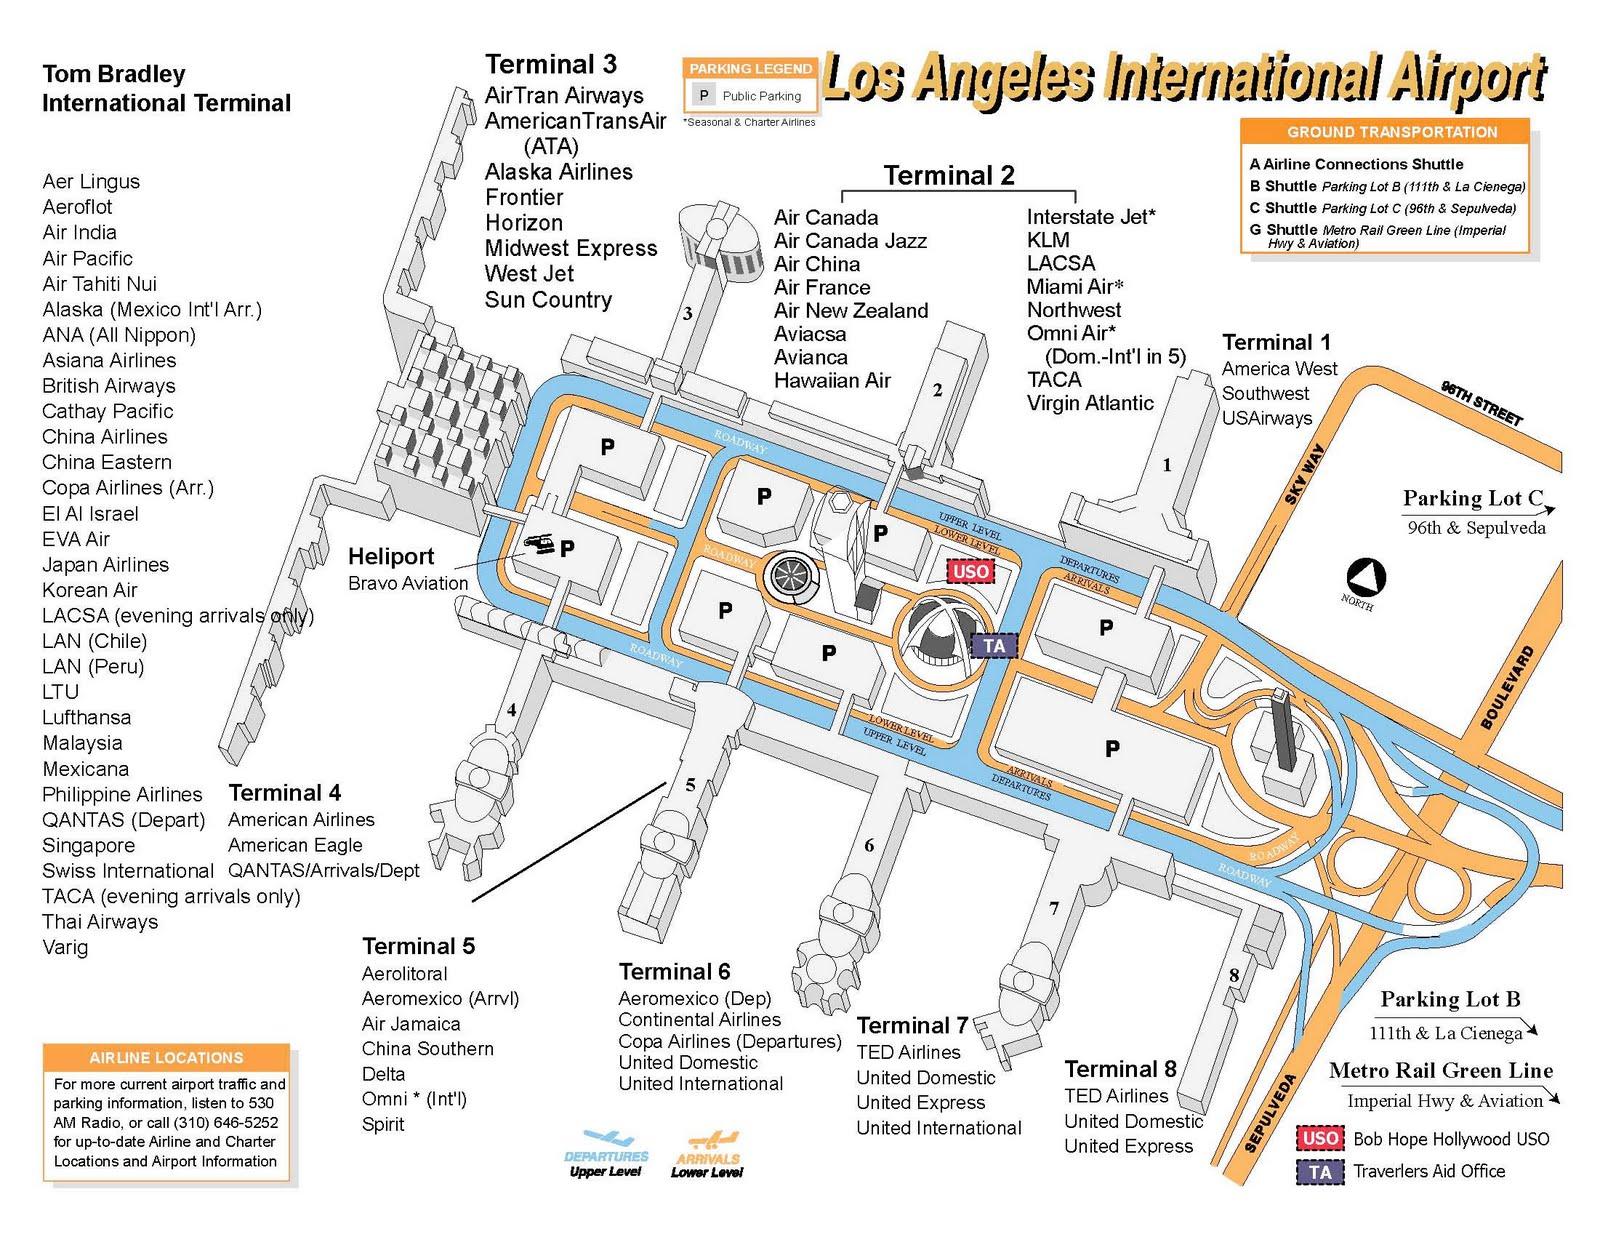 全球機場轉機資訊: 洛杉磯機場 LAX